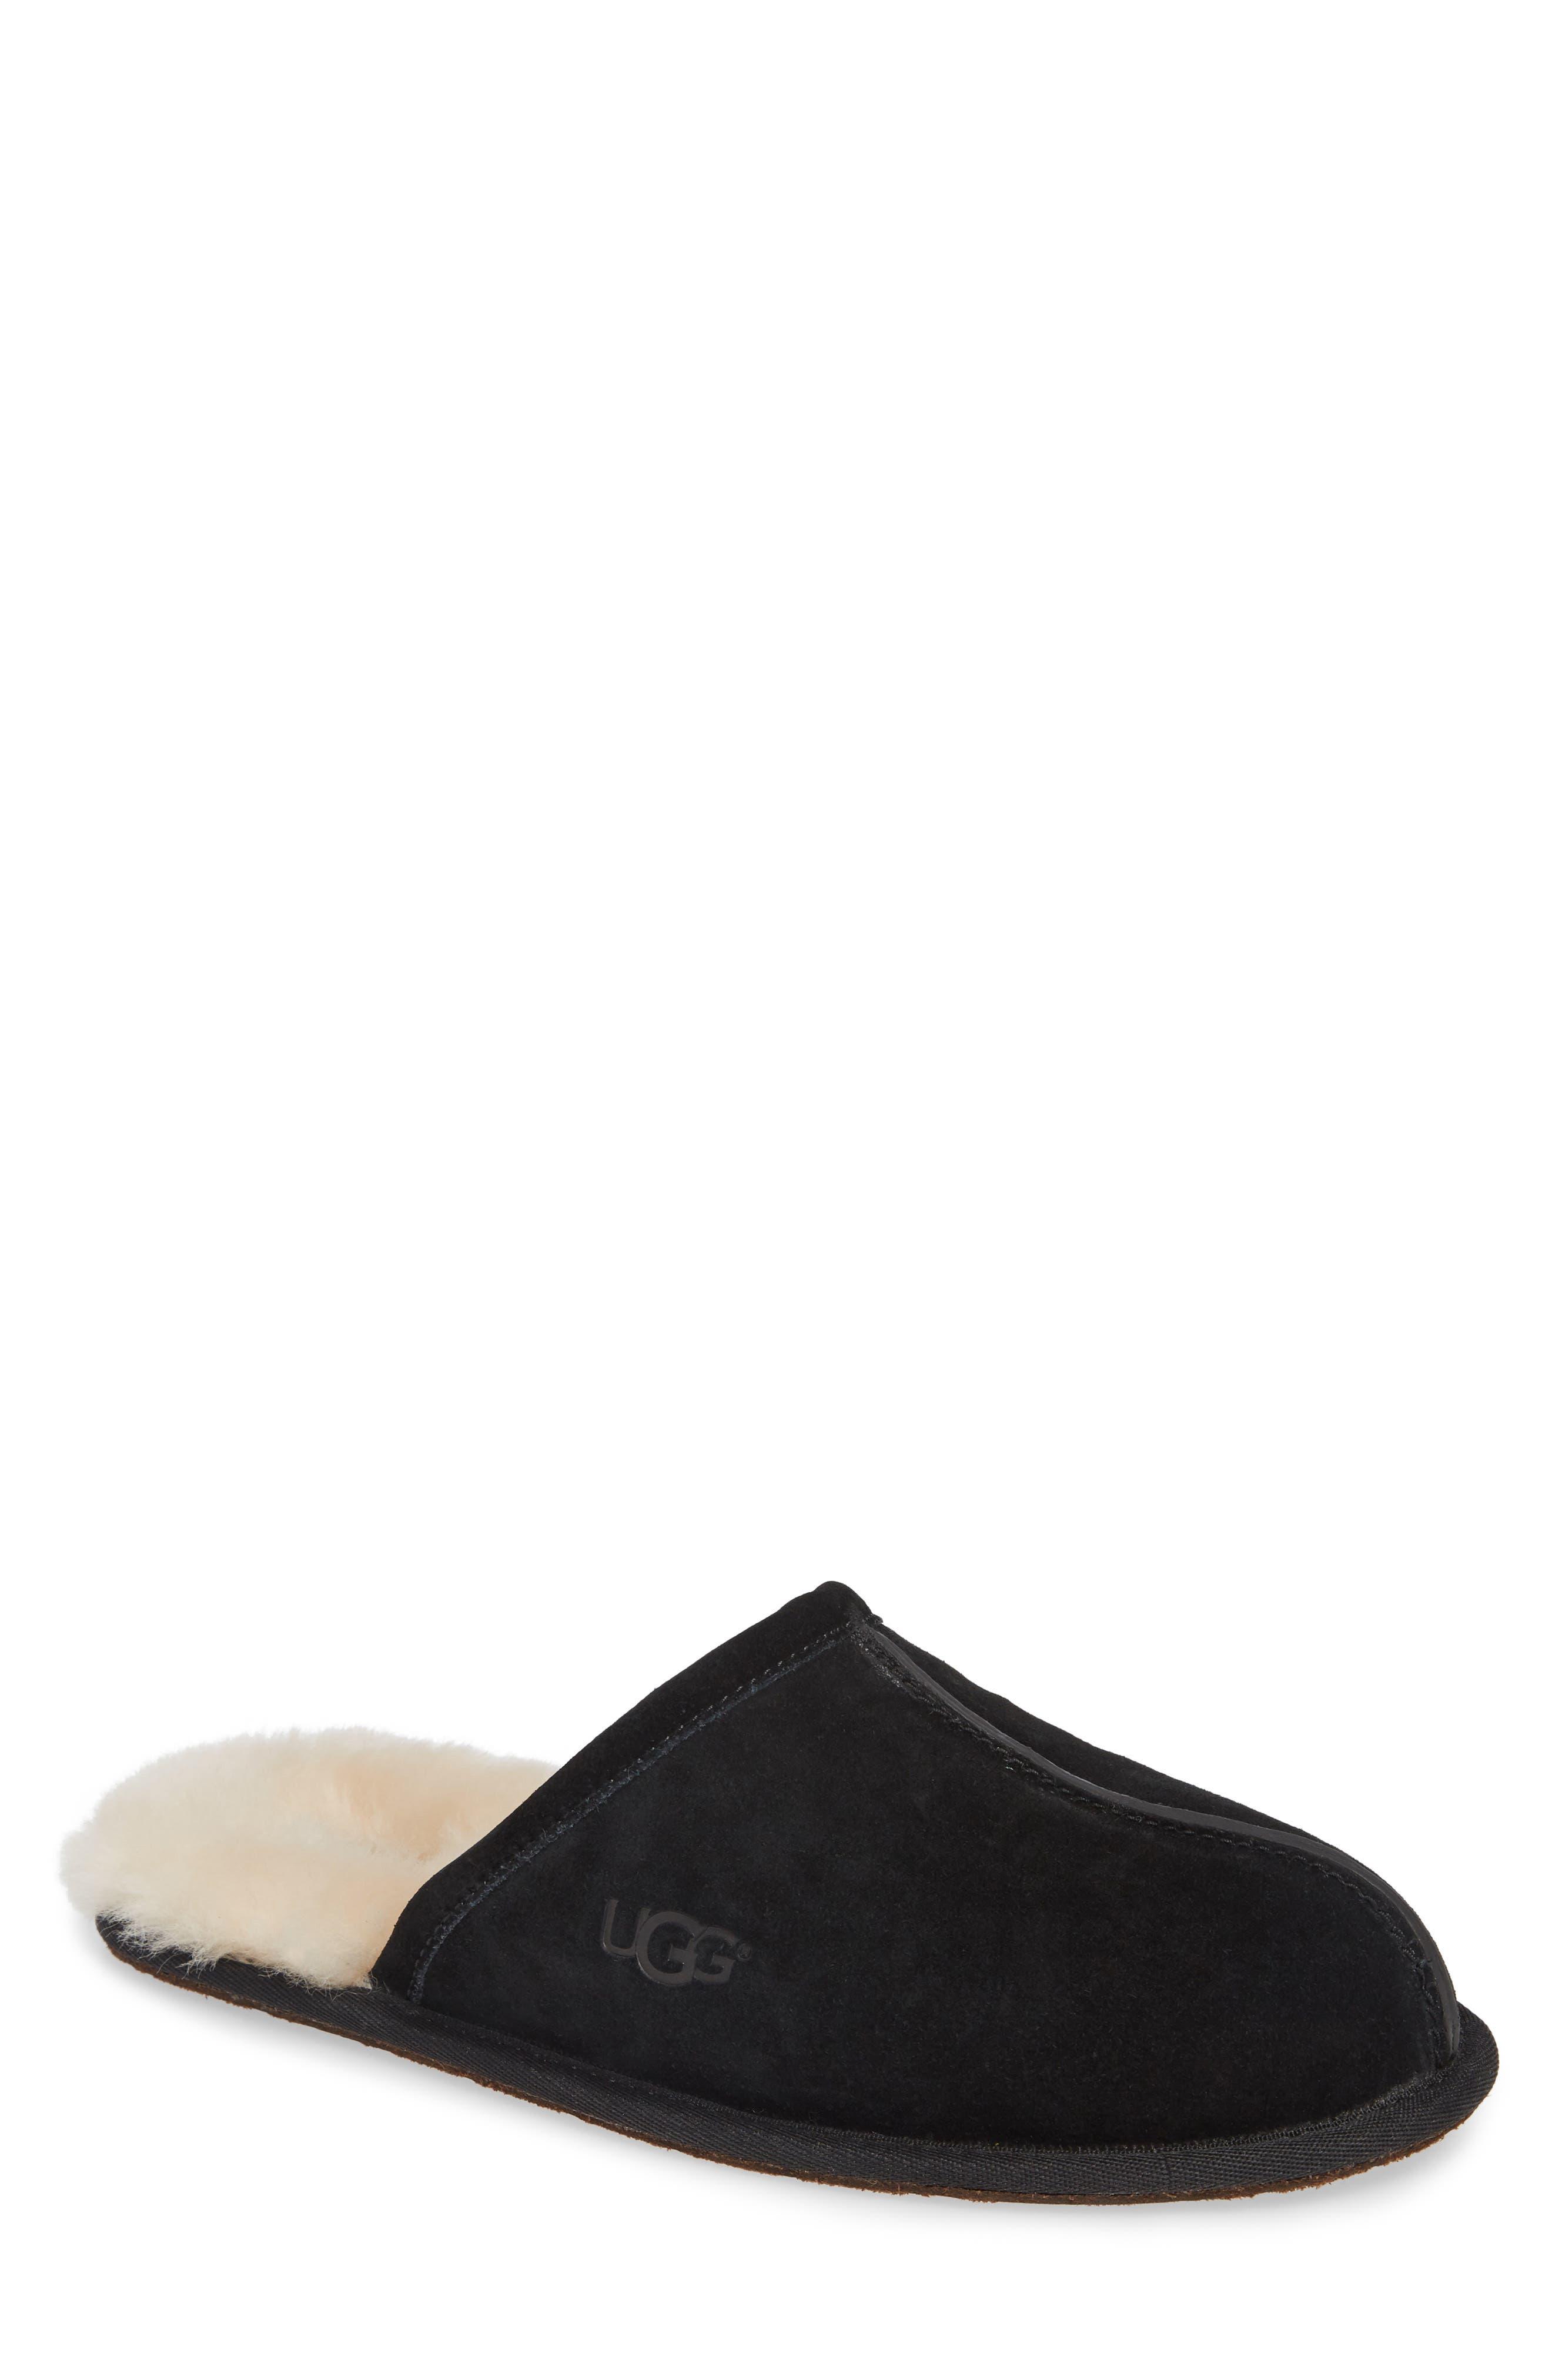 Scuff Slipper, Main, color, BLACK SUEDE